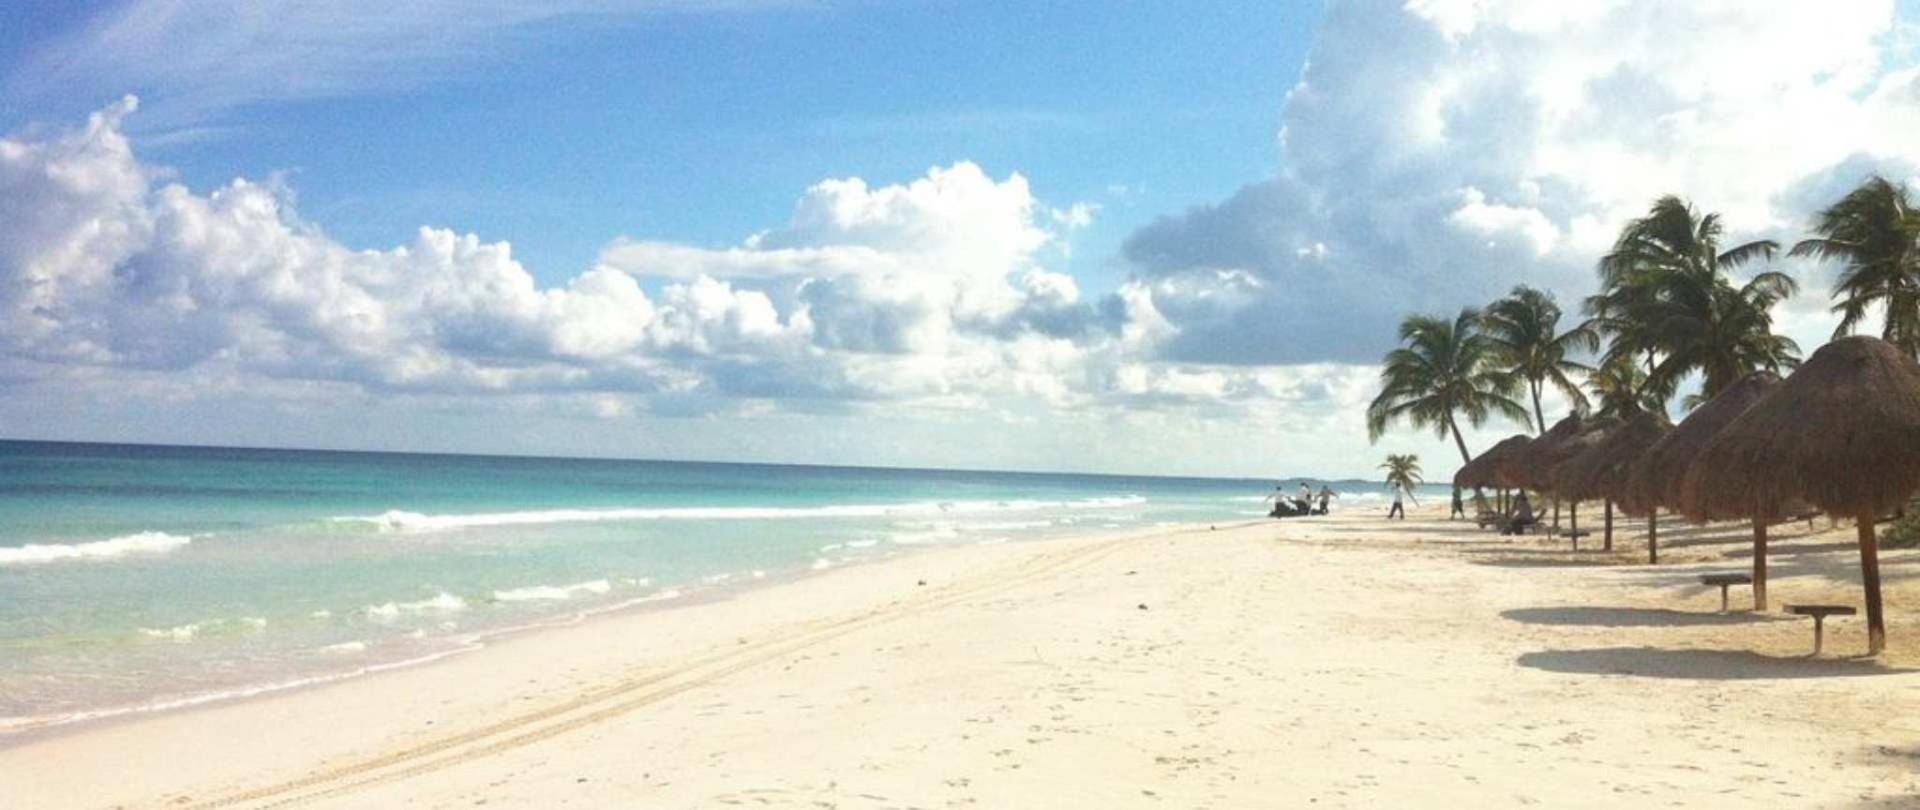 beach3.jpg.1920x810_0_297_18750.jpeg